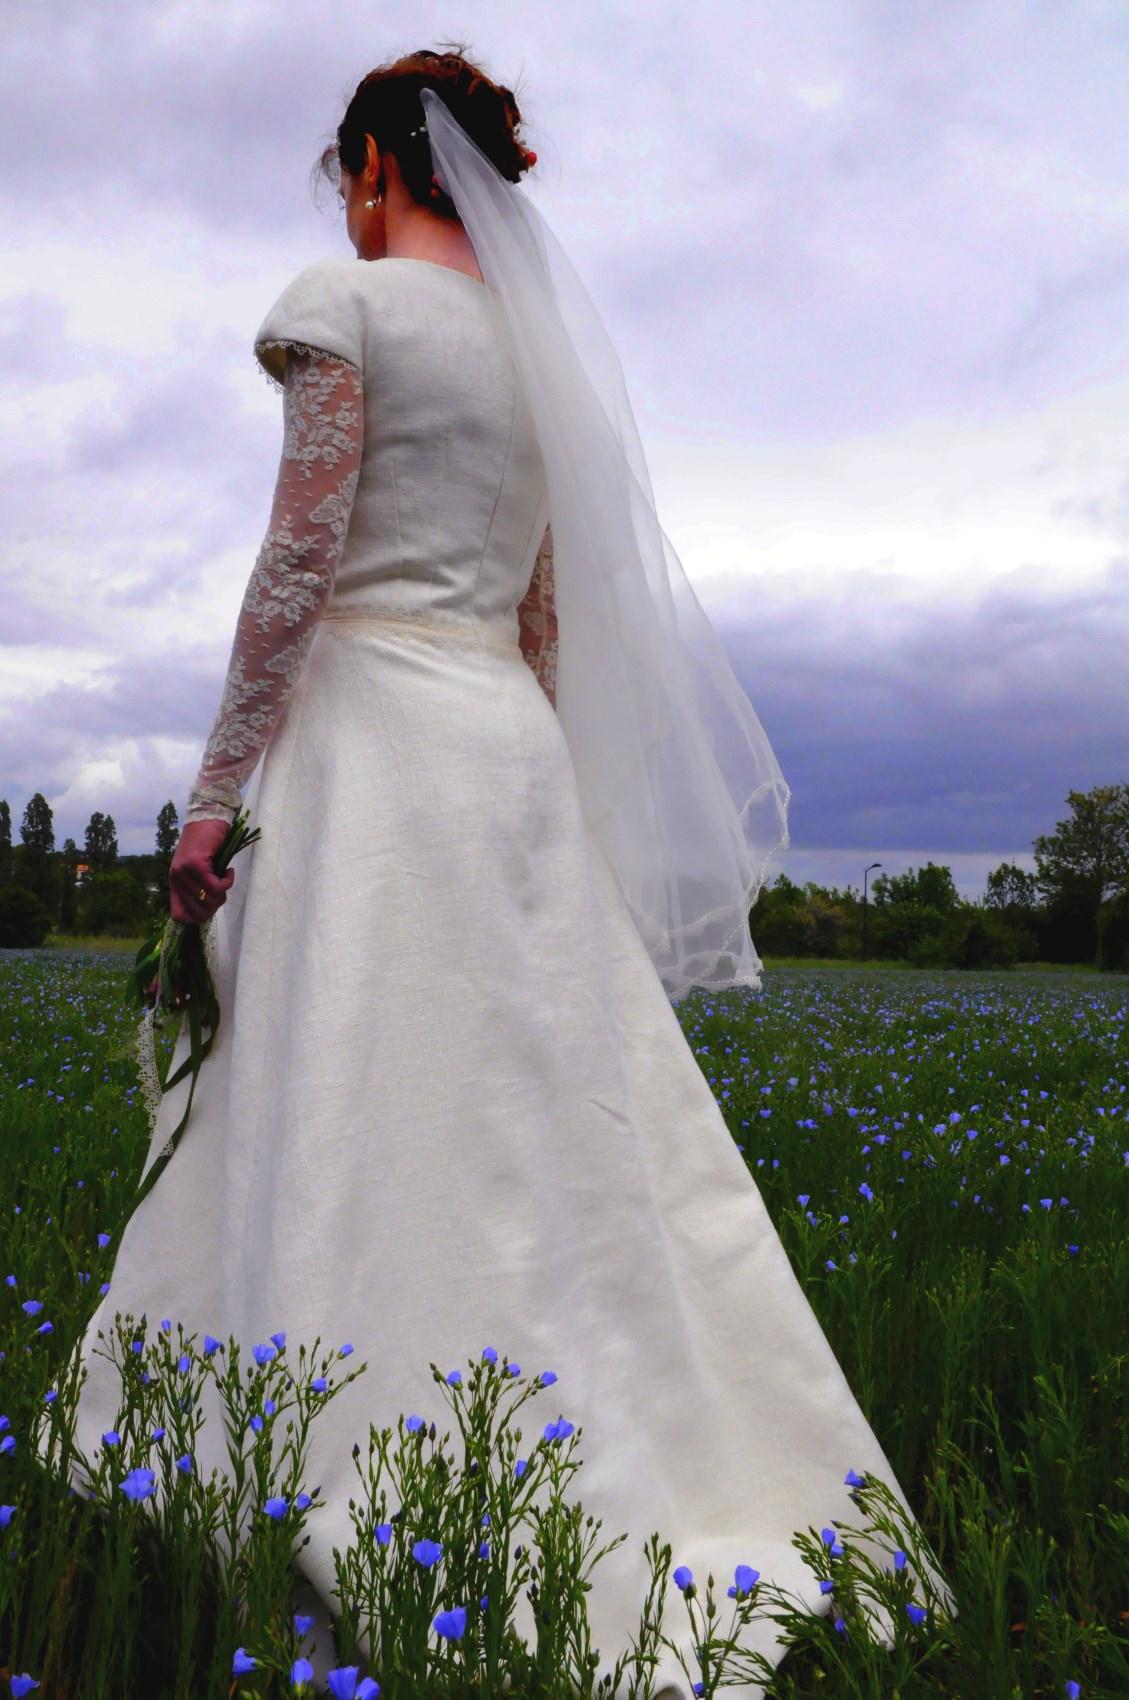 robe emplie de douceur tissu texturé forme très simple